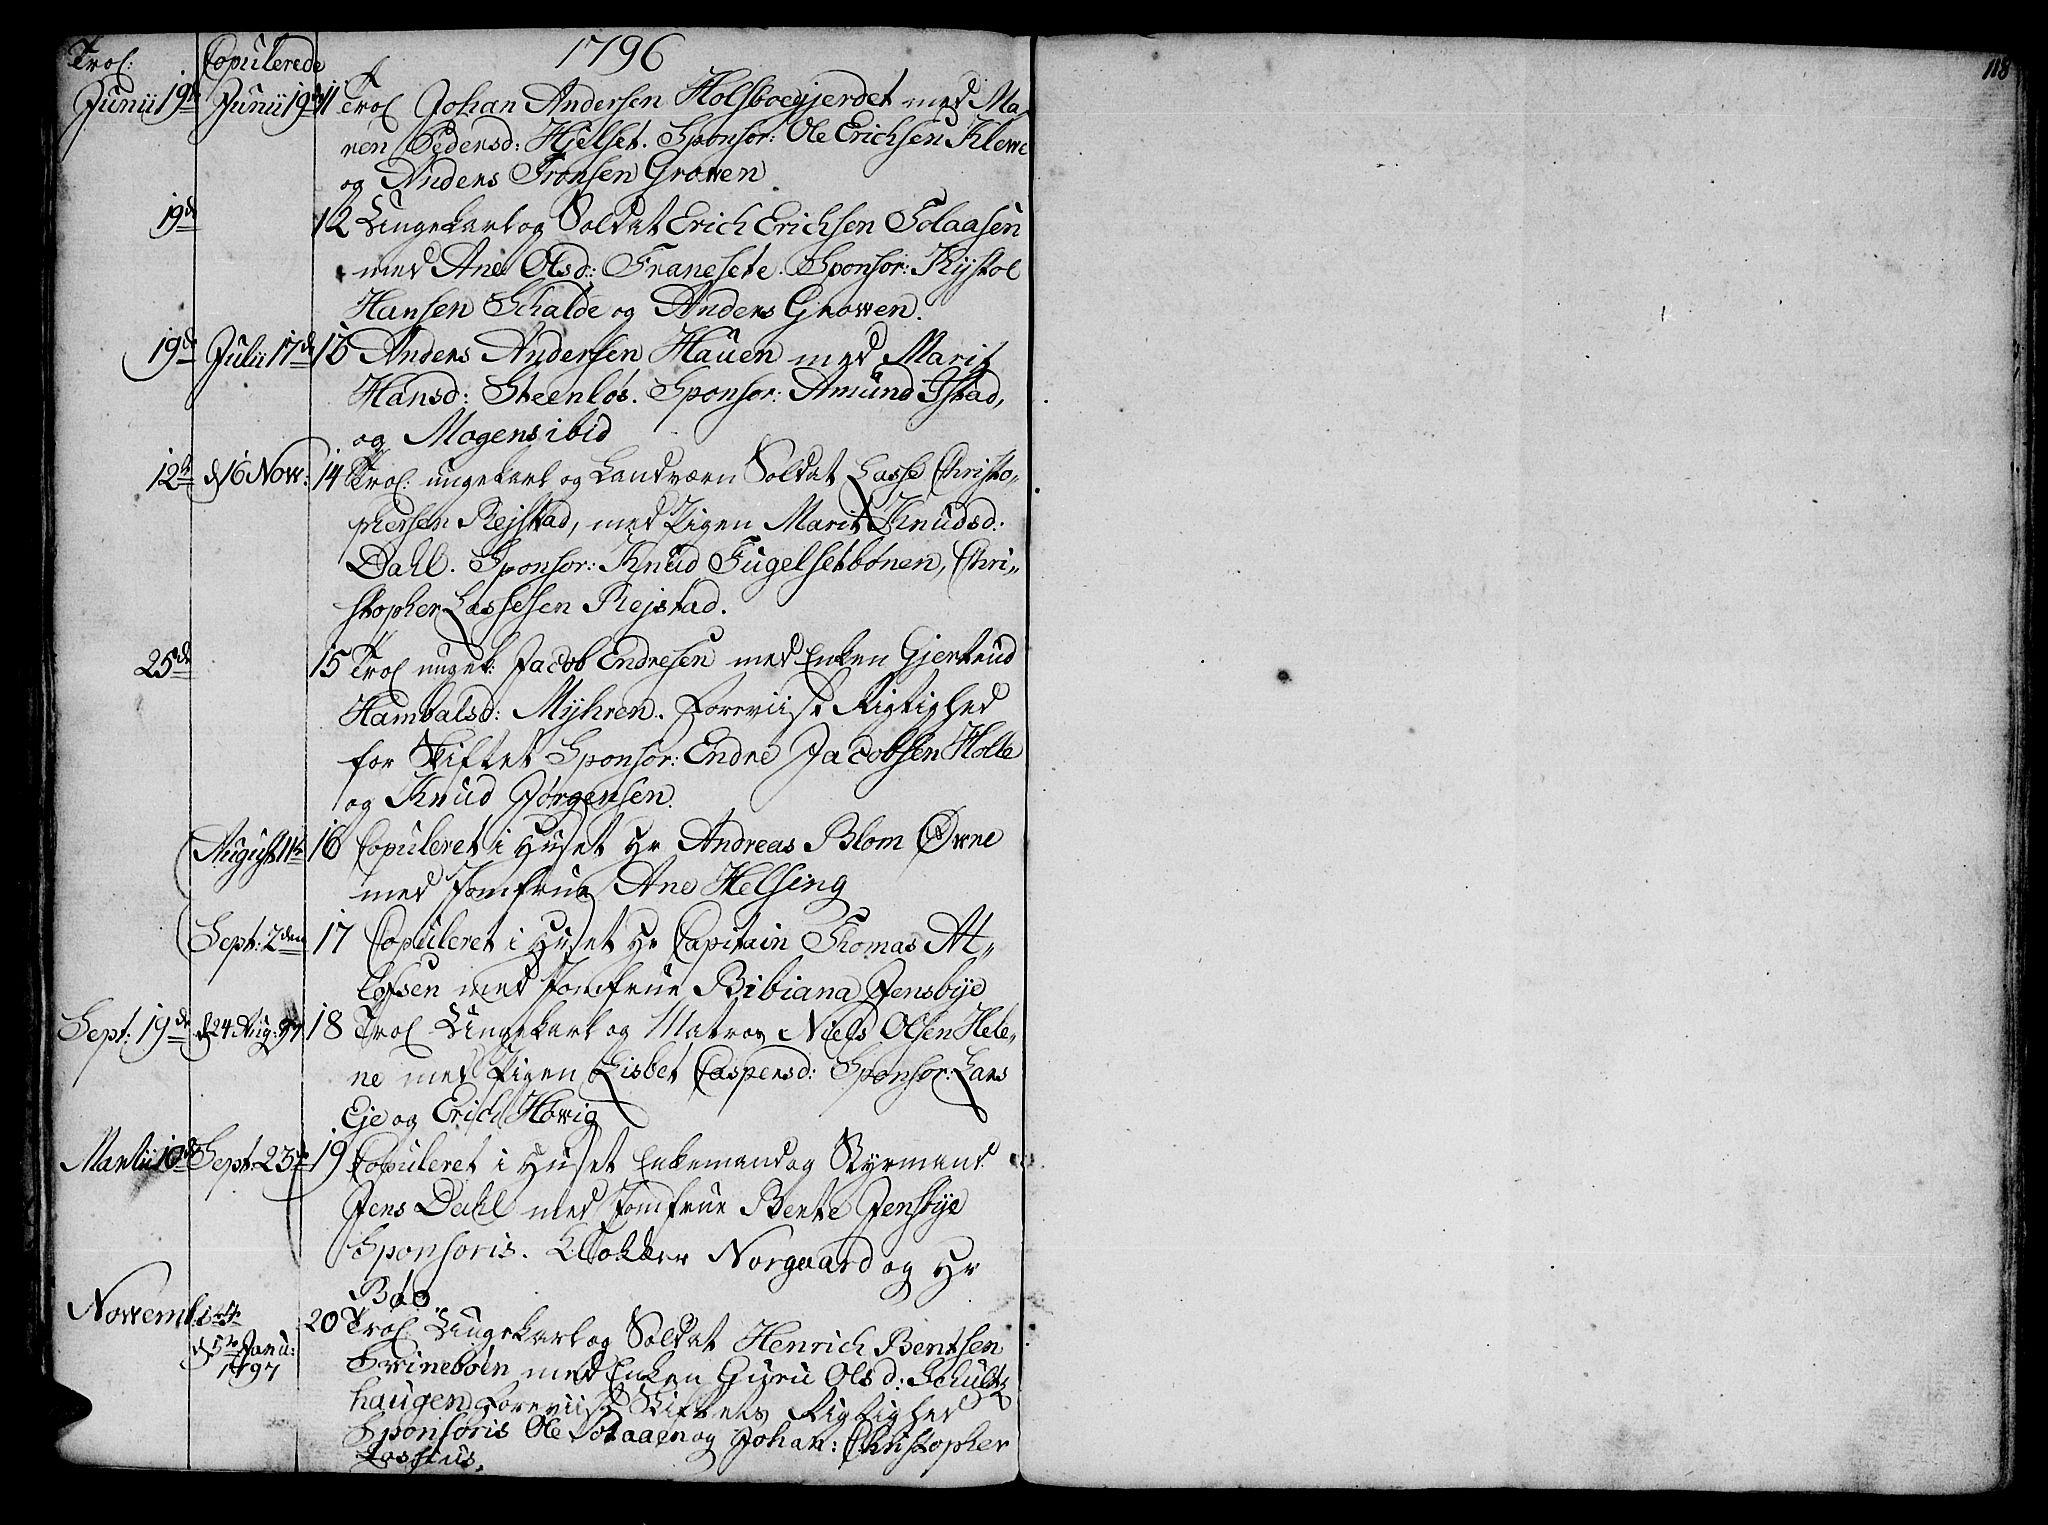 SAT, Ministerialprotokoller, klokkerbøker og fødselsregistre - Møre og Romsdal, 555/L0649: Parish register (official) no. 555A02 /1, 1795-1821, p. 118